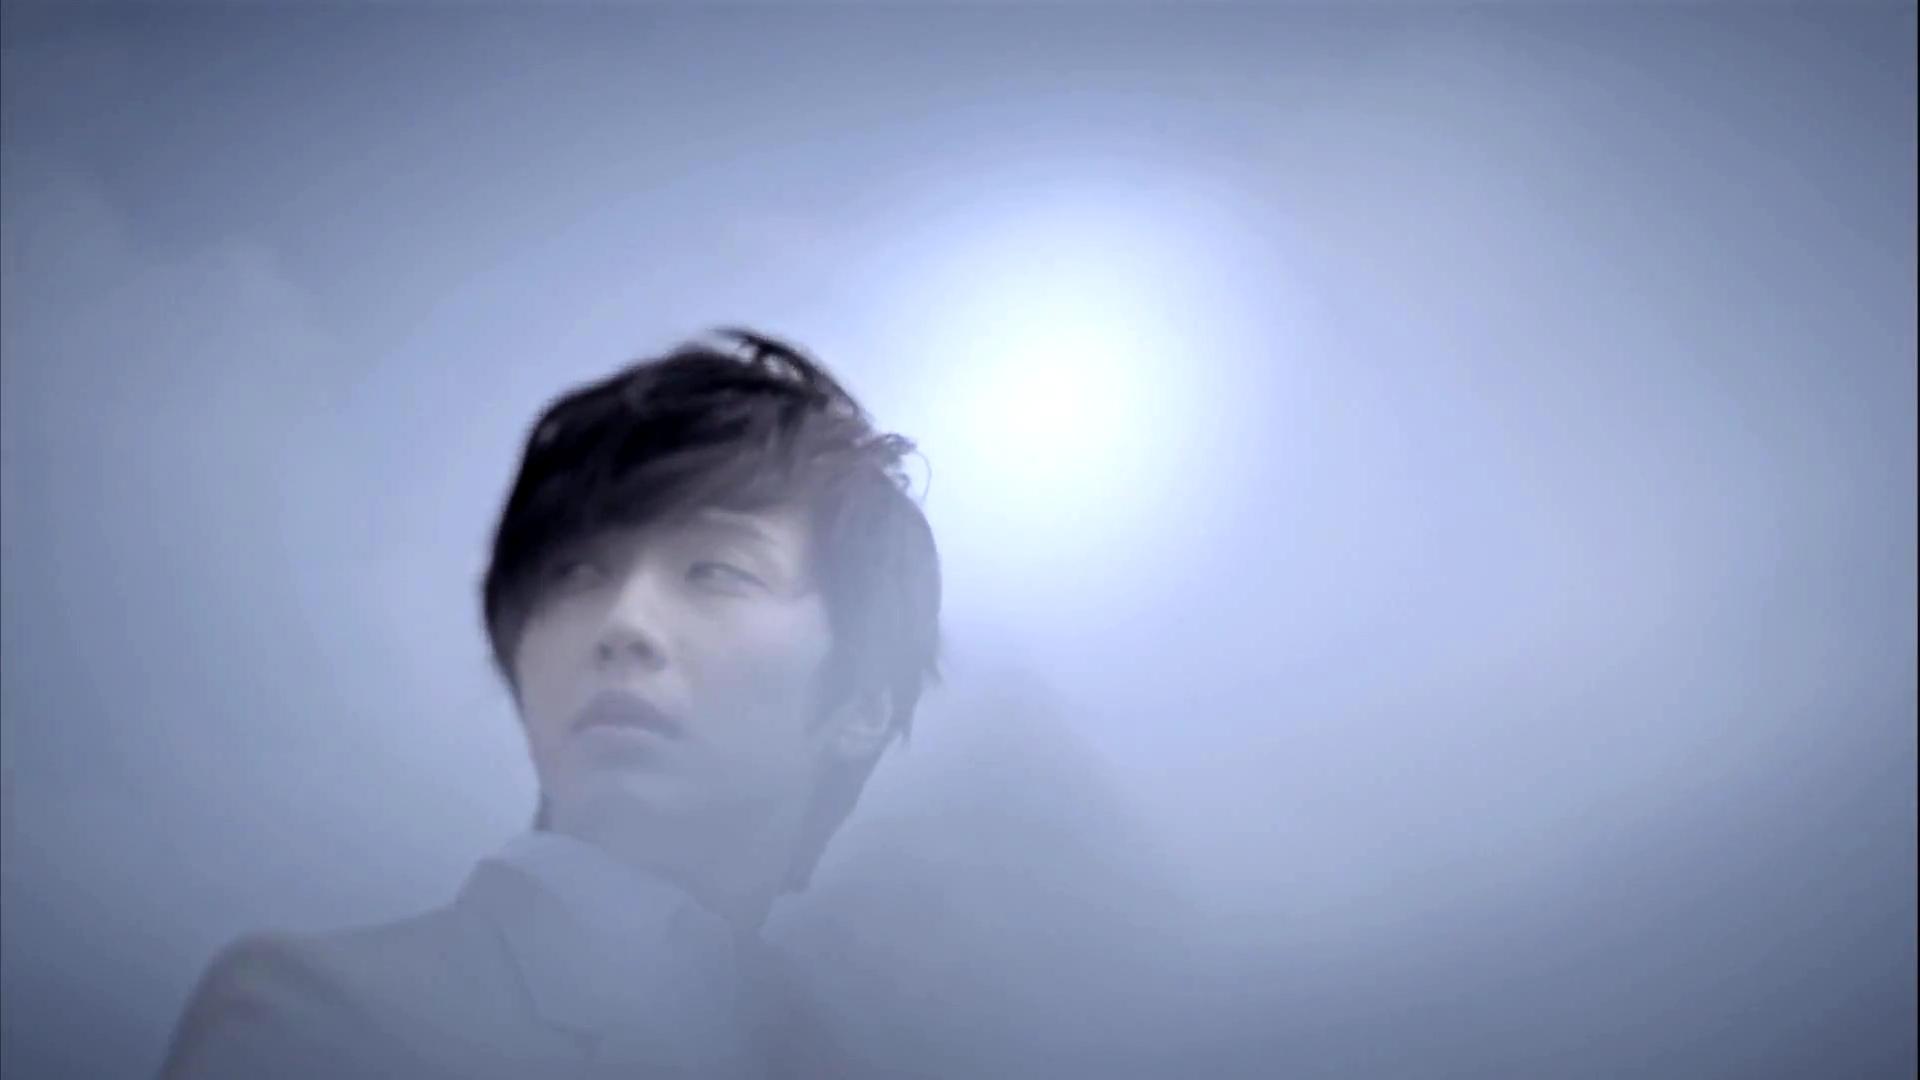 韩剧拥抱太阳的月亮,韩剧拥抱月亮,韩剧拥抱太阳的女人